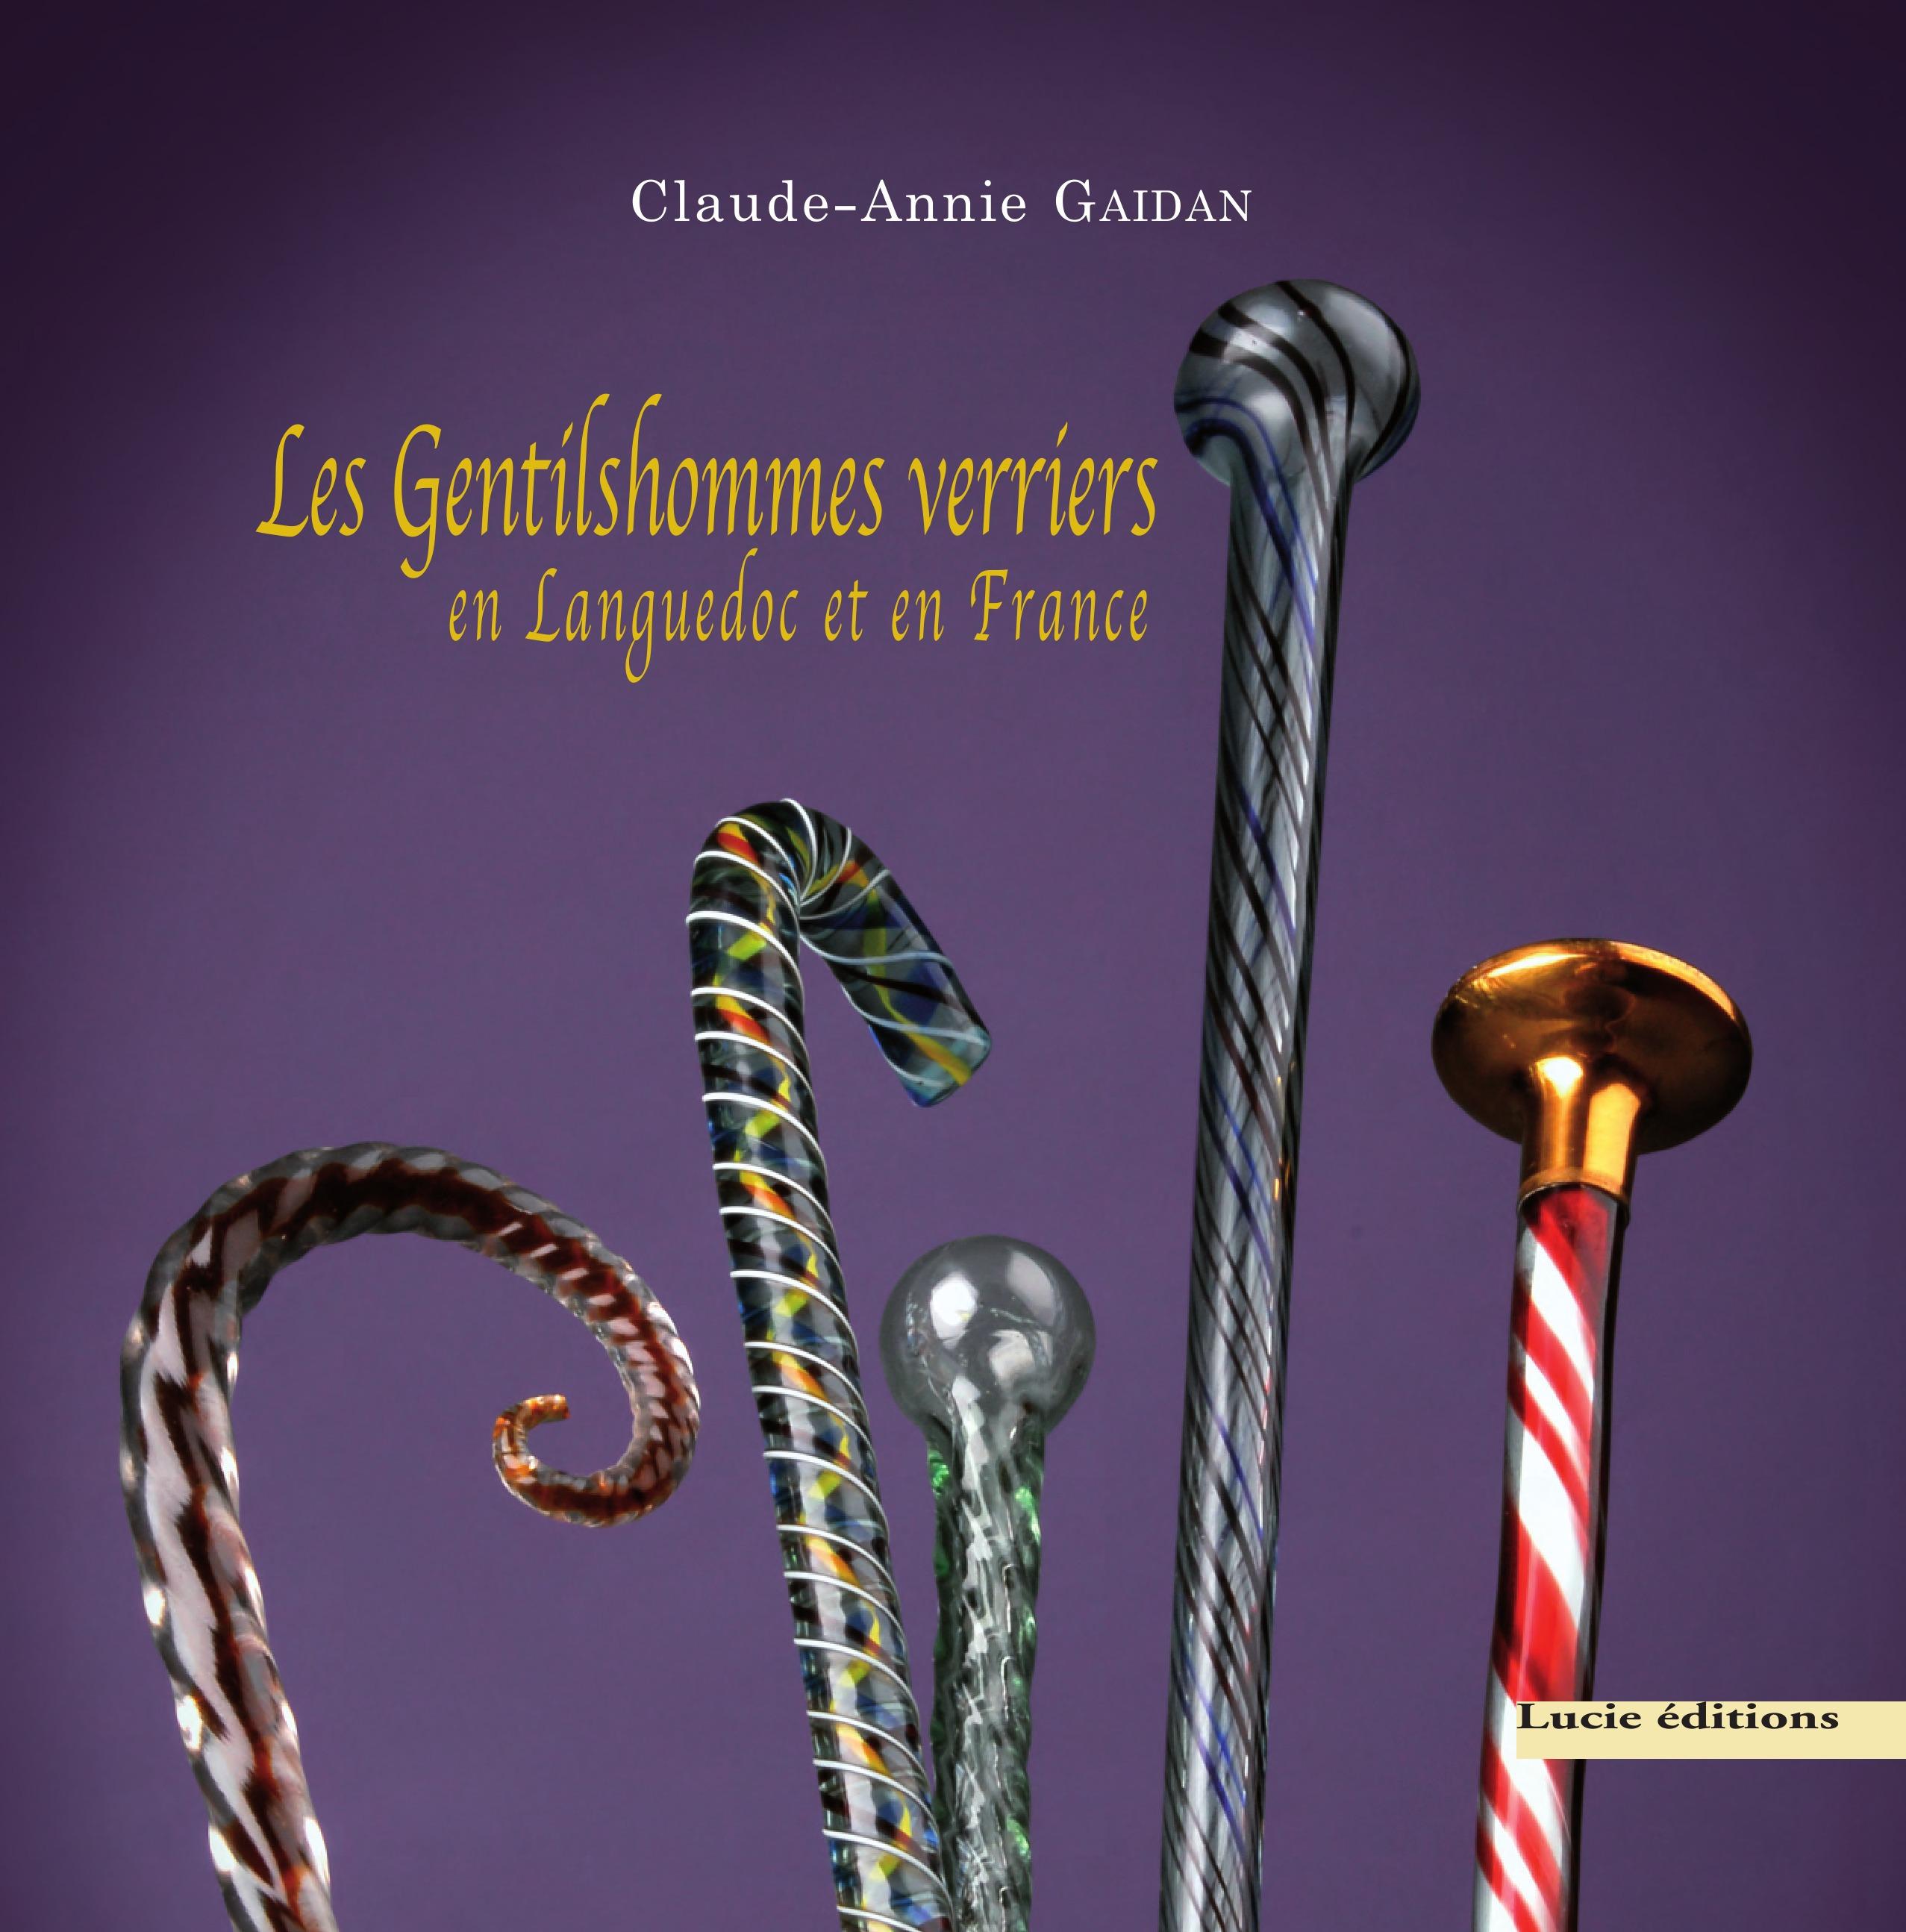 Les Gentilshommes verriers en Languedoc et en France